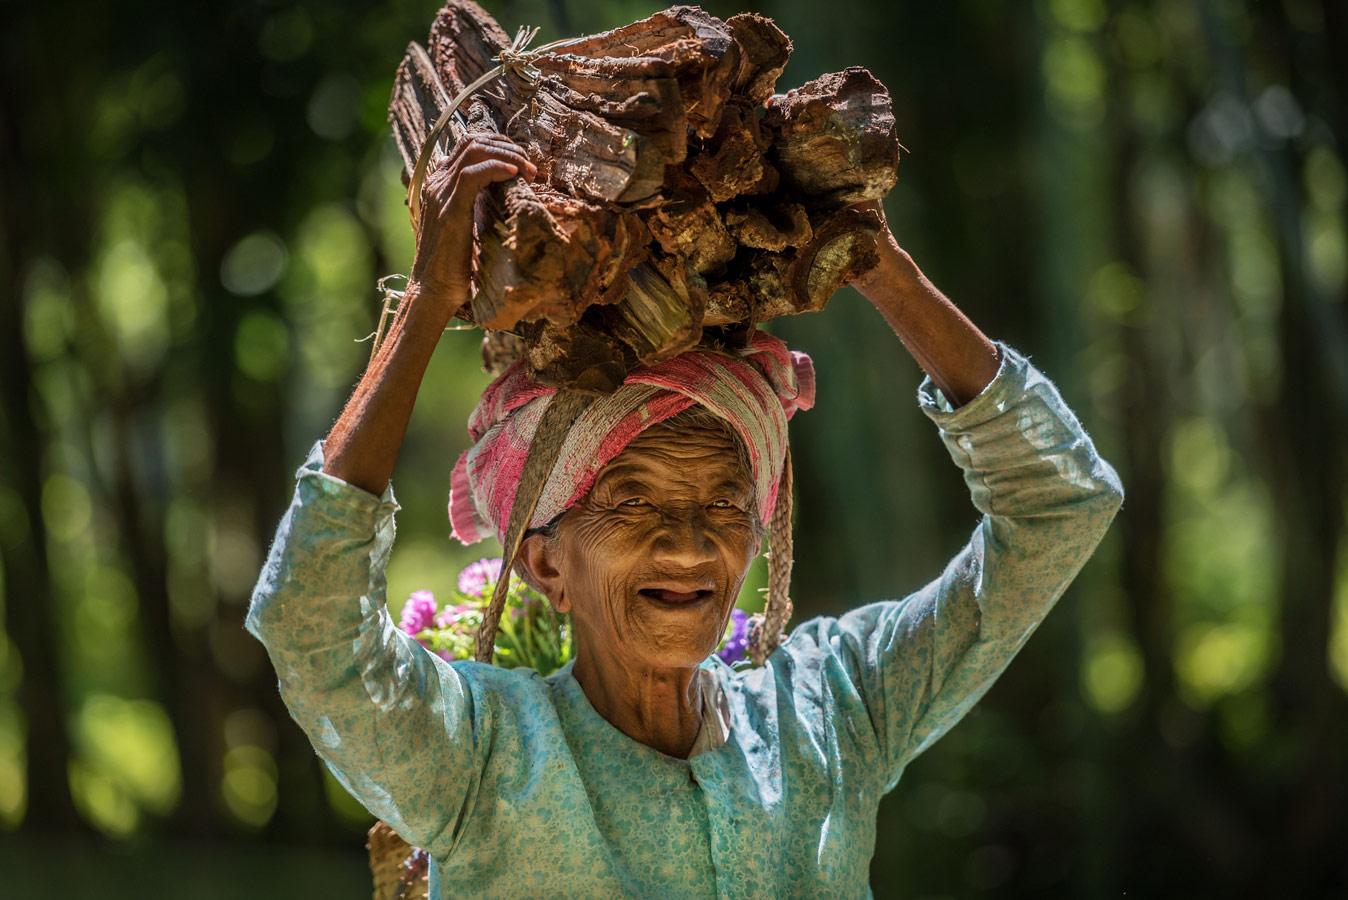 Дерево для жизни, © Зай Яр Лин, Мьянма (Бирма), 2-е место, Фотоконкурс «Изменения в культуре дерева» — Change in Wood Culture